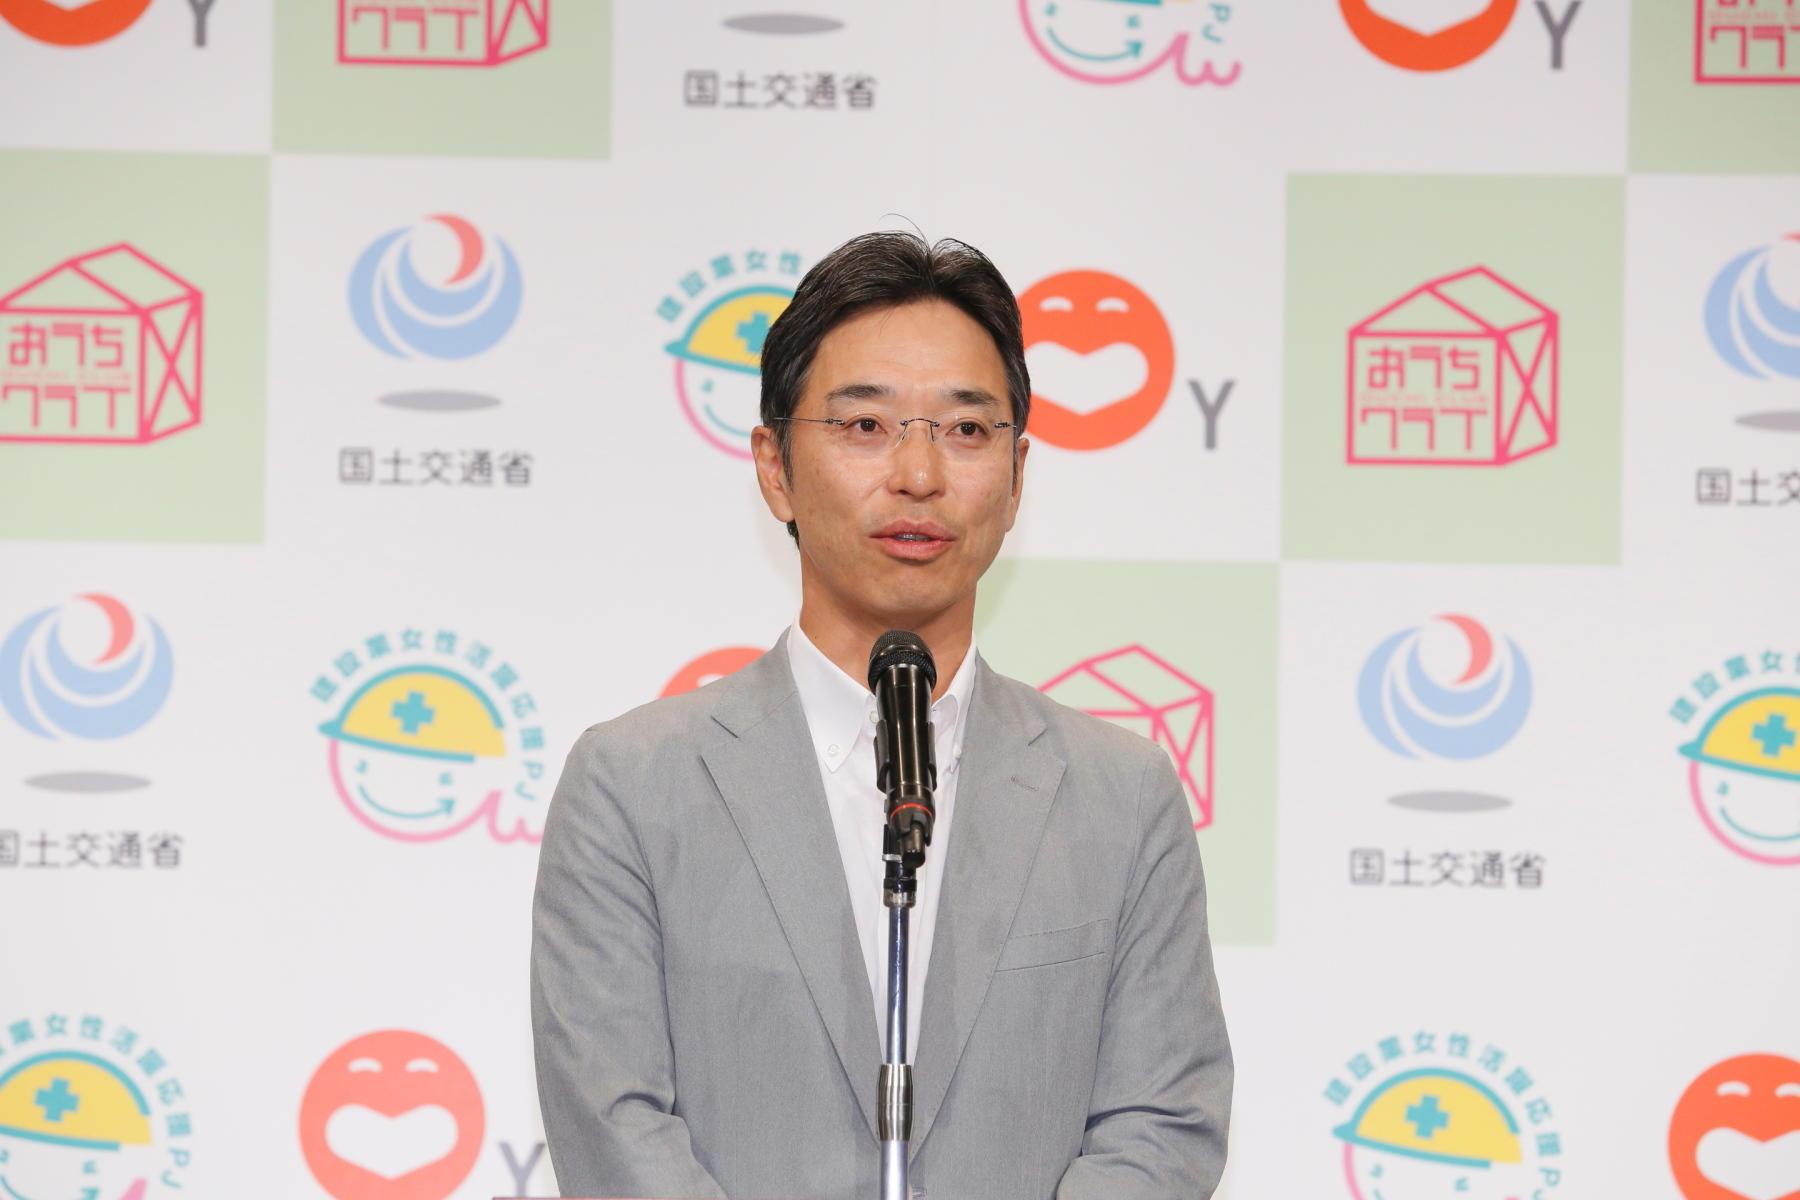 http://news.yoshimoto.co.jp/20160817180238-b3aa566ca2ccded399c18c1eb1e43f82711f53a2.jpg